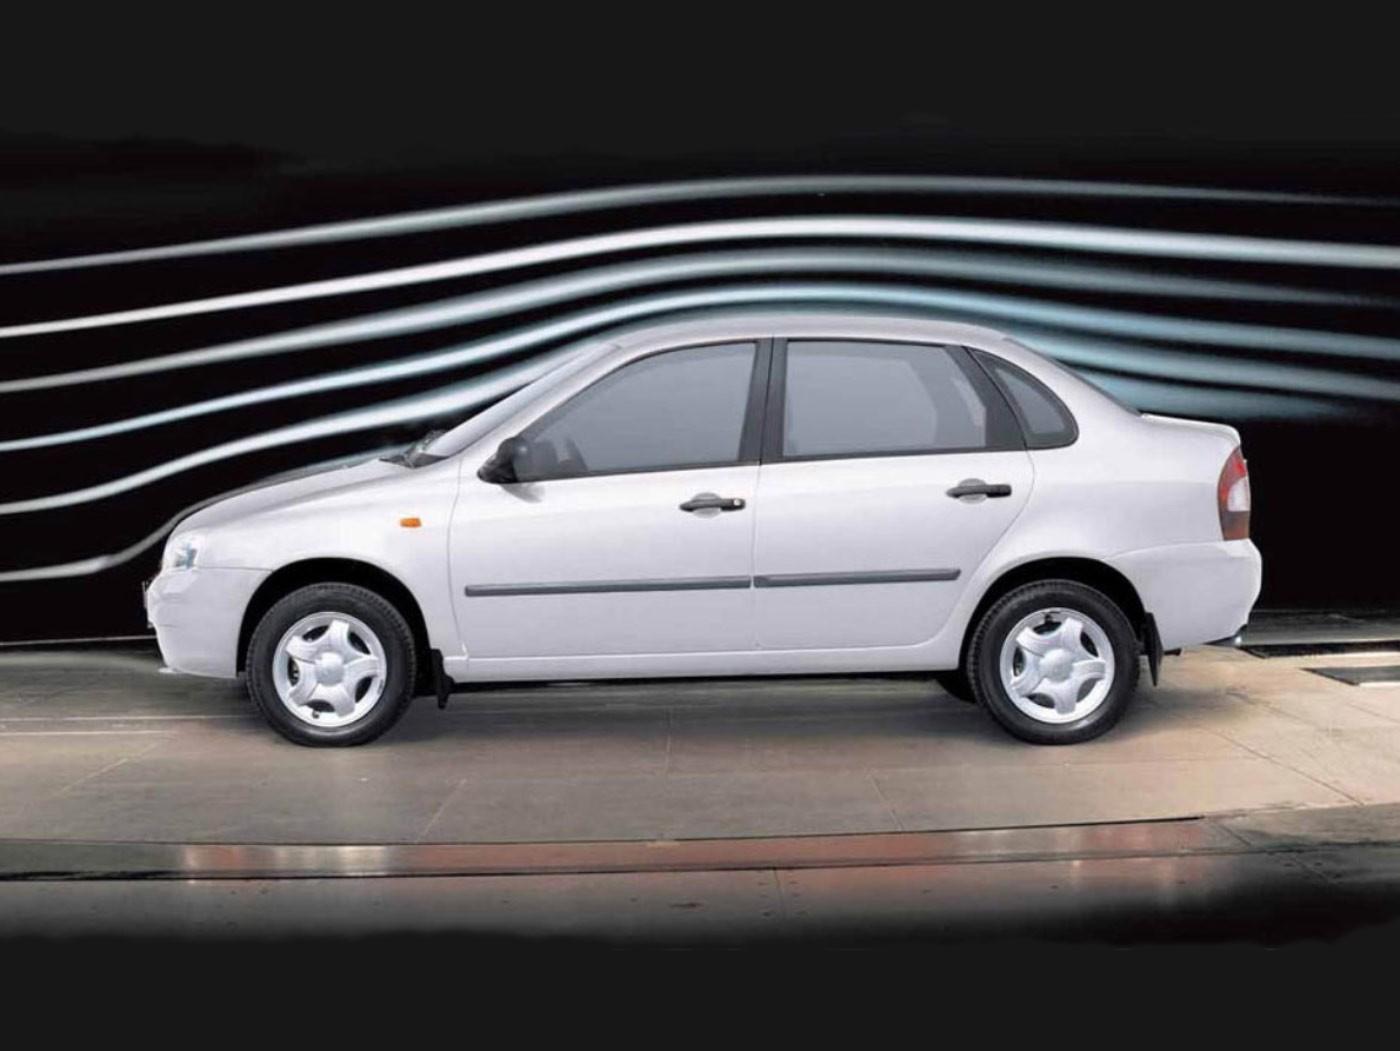 Опасное рулевое, кузов минивэн и чужой дизайн: мифы и факты про Lada Kalina - КОЛЕСА.ру – автомобильный журнал